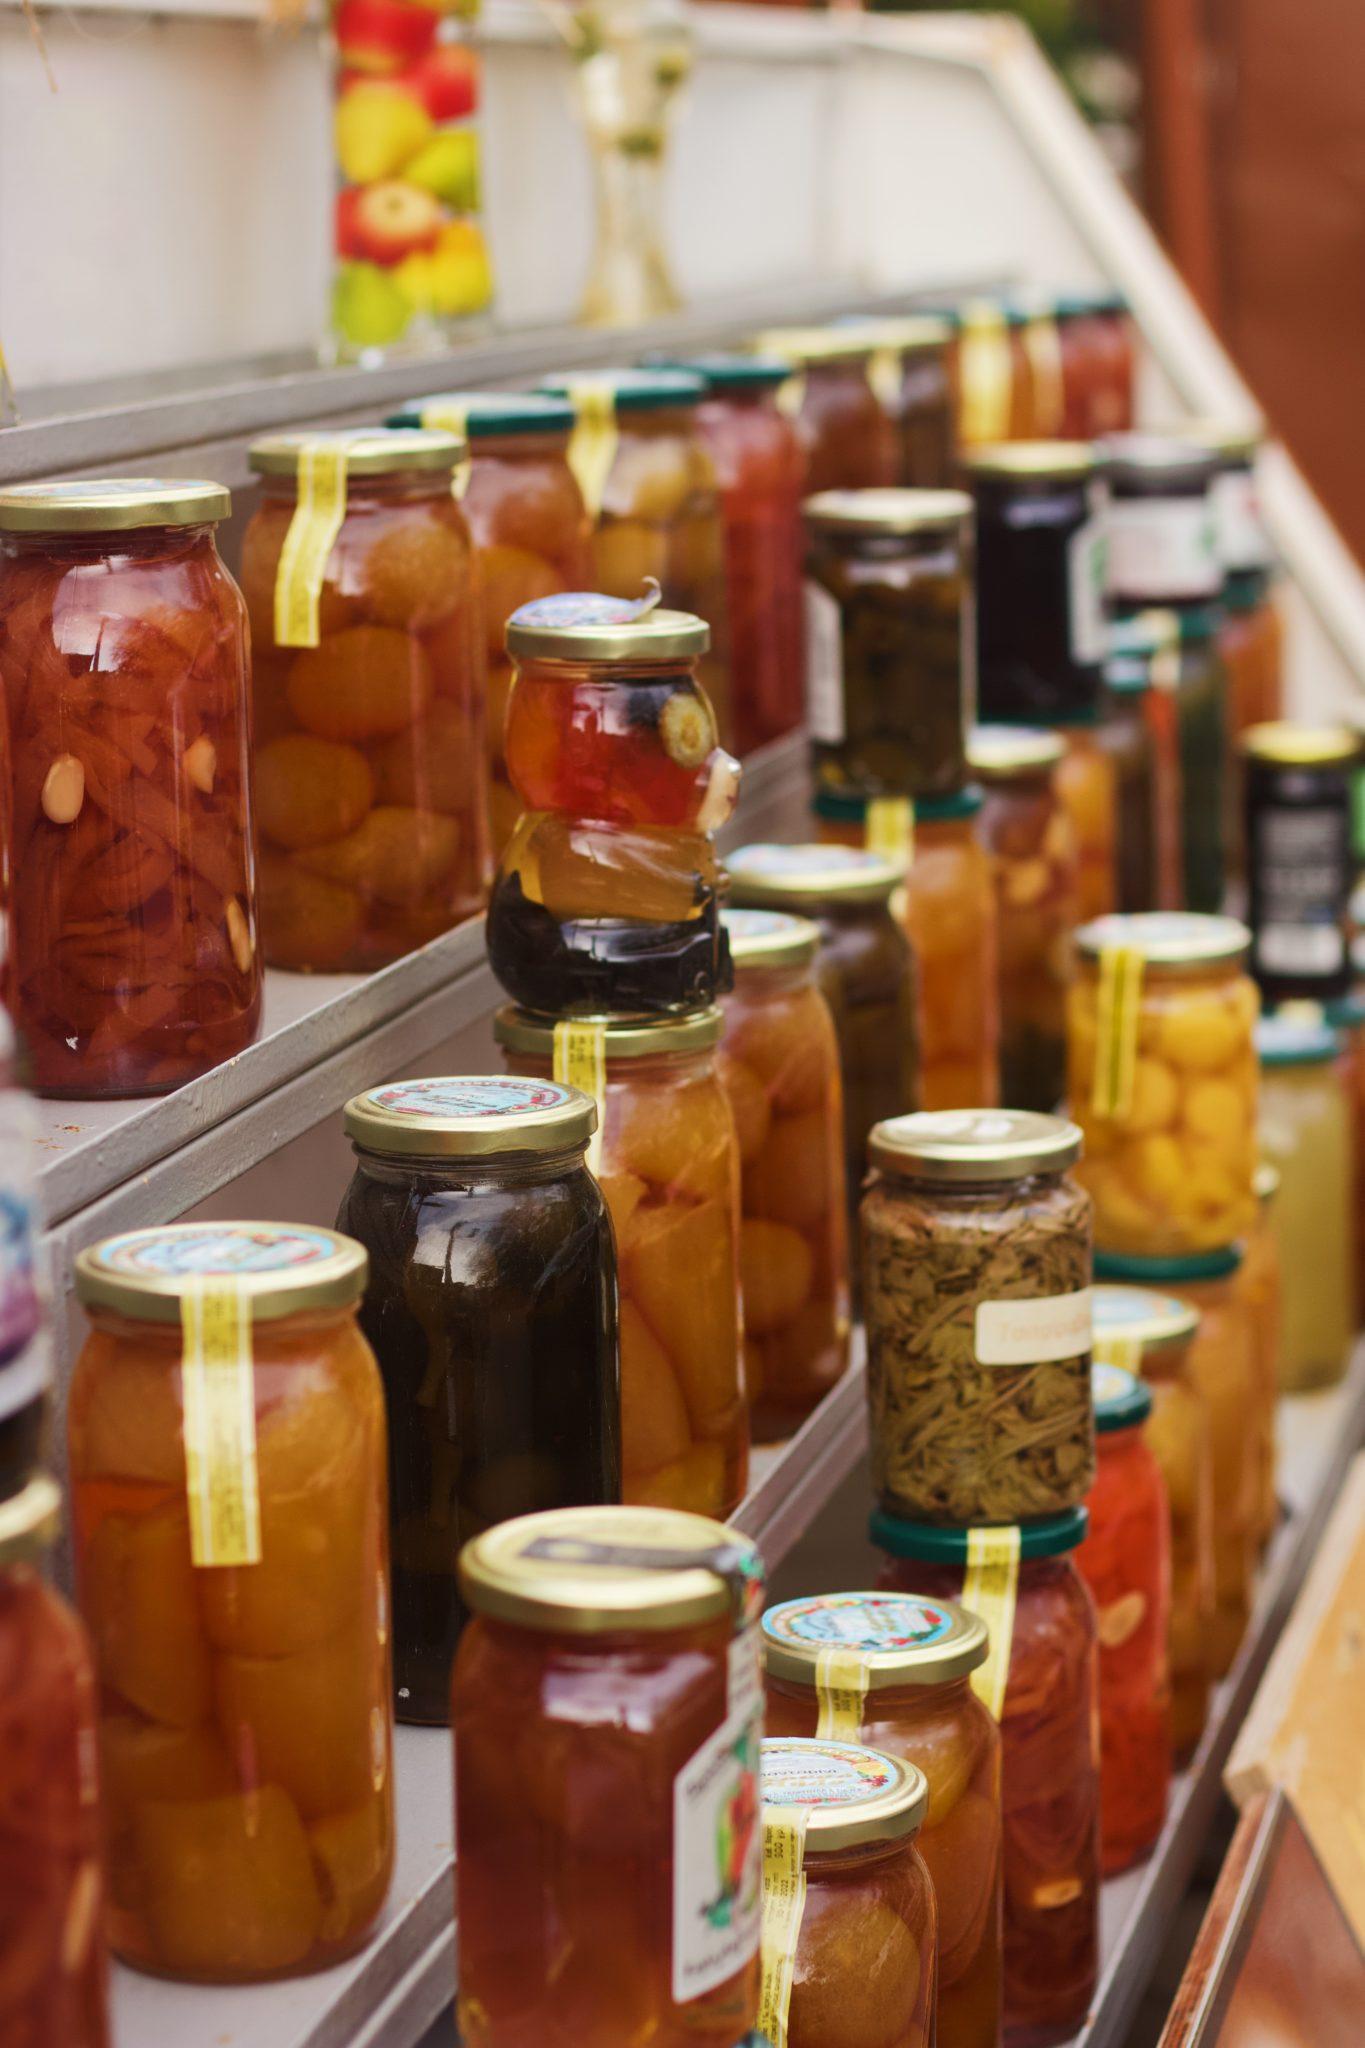 reuse packaging from pickle jars